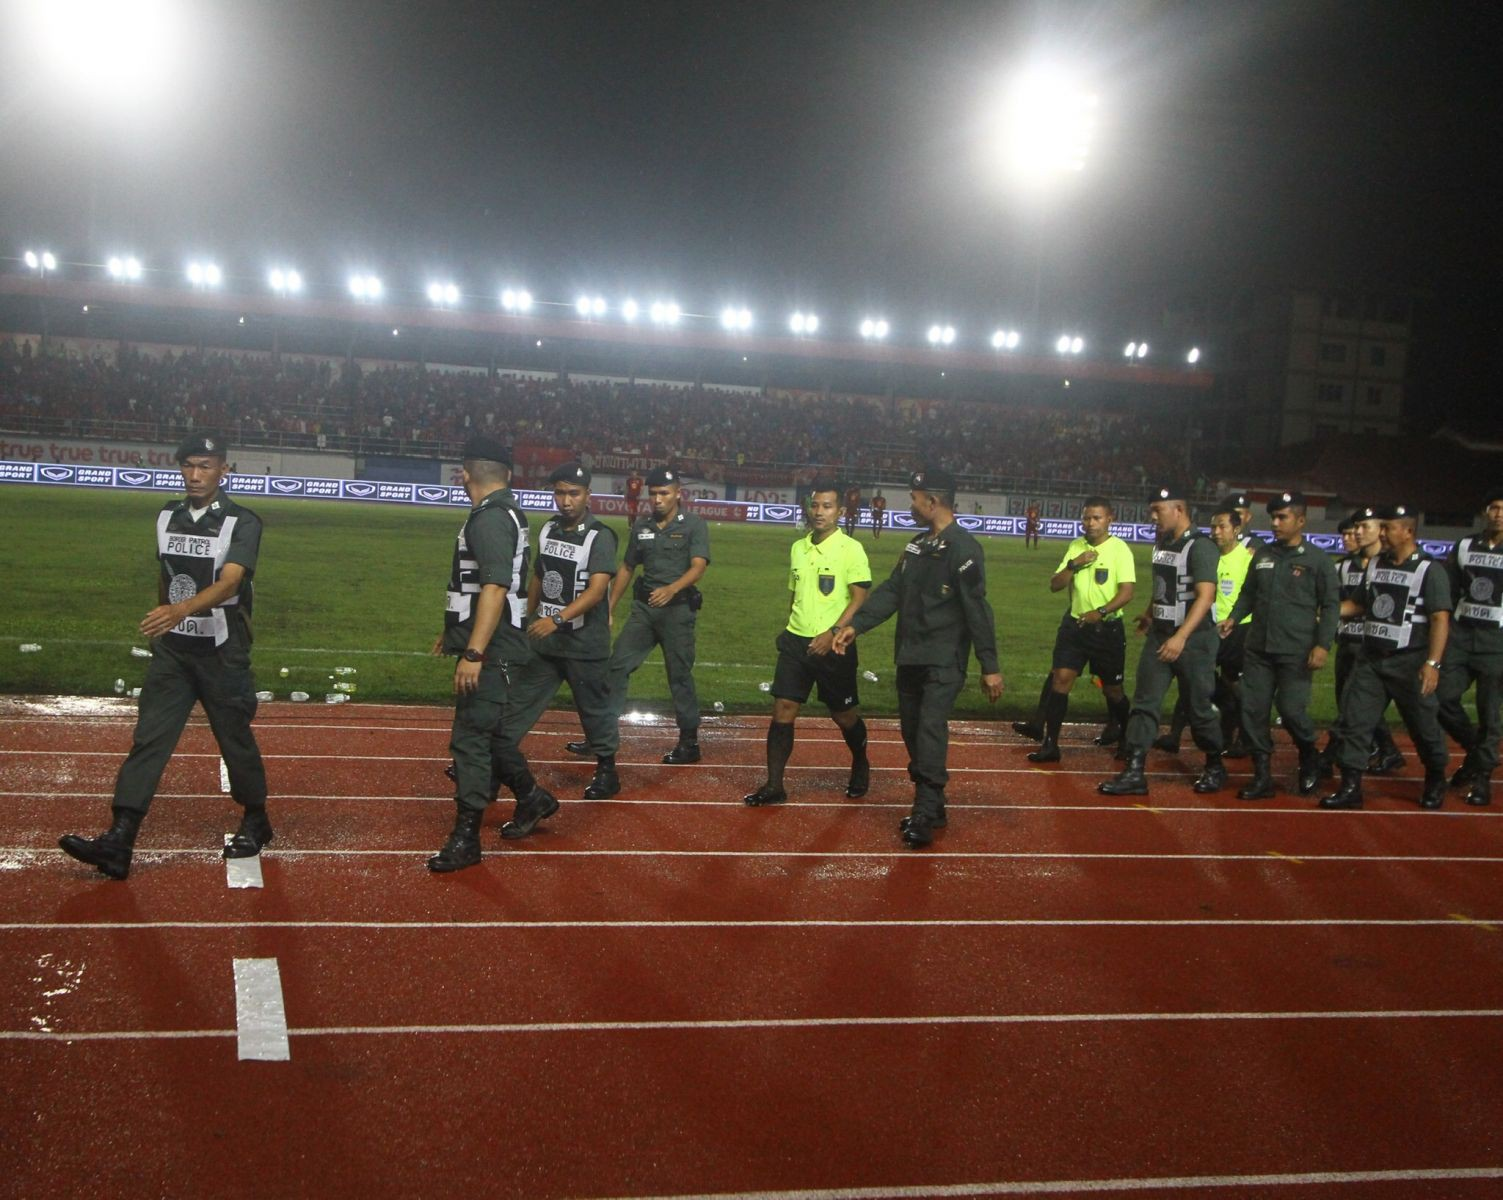 Bóng đá Thái Lan có biến lớn, xảy ra scandal từng là nỗi hổ thẹn của V.League - Ảnh 3.